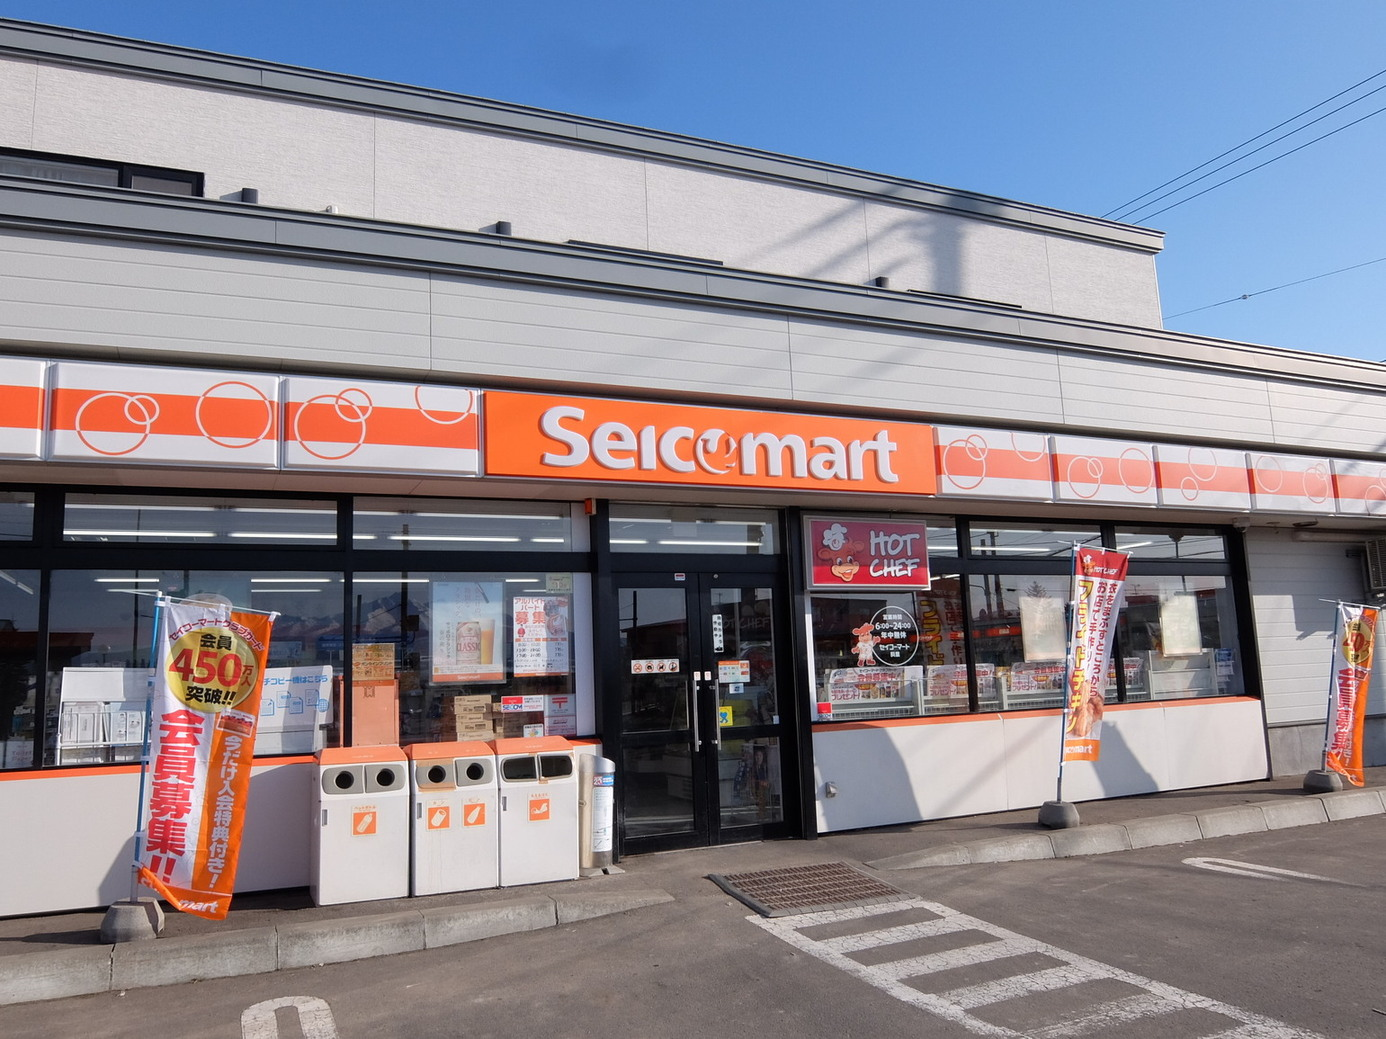 セイコーマート 斜里店